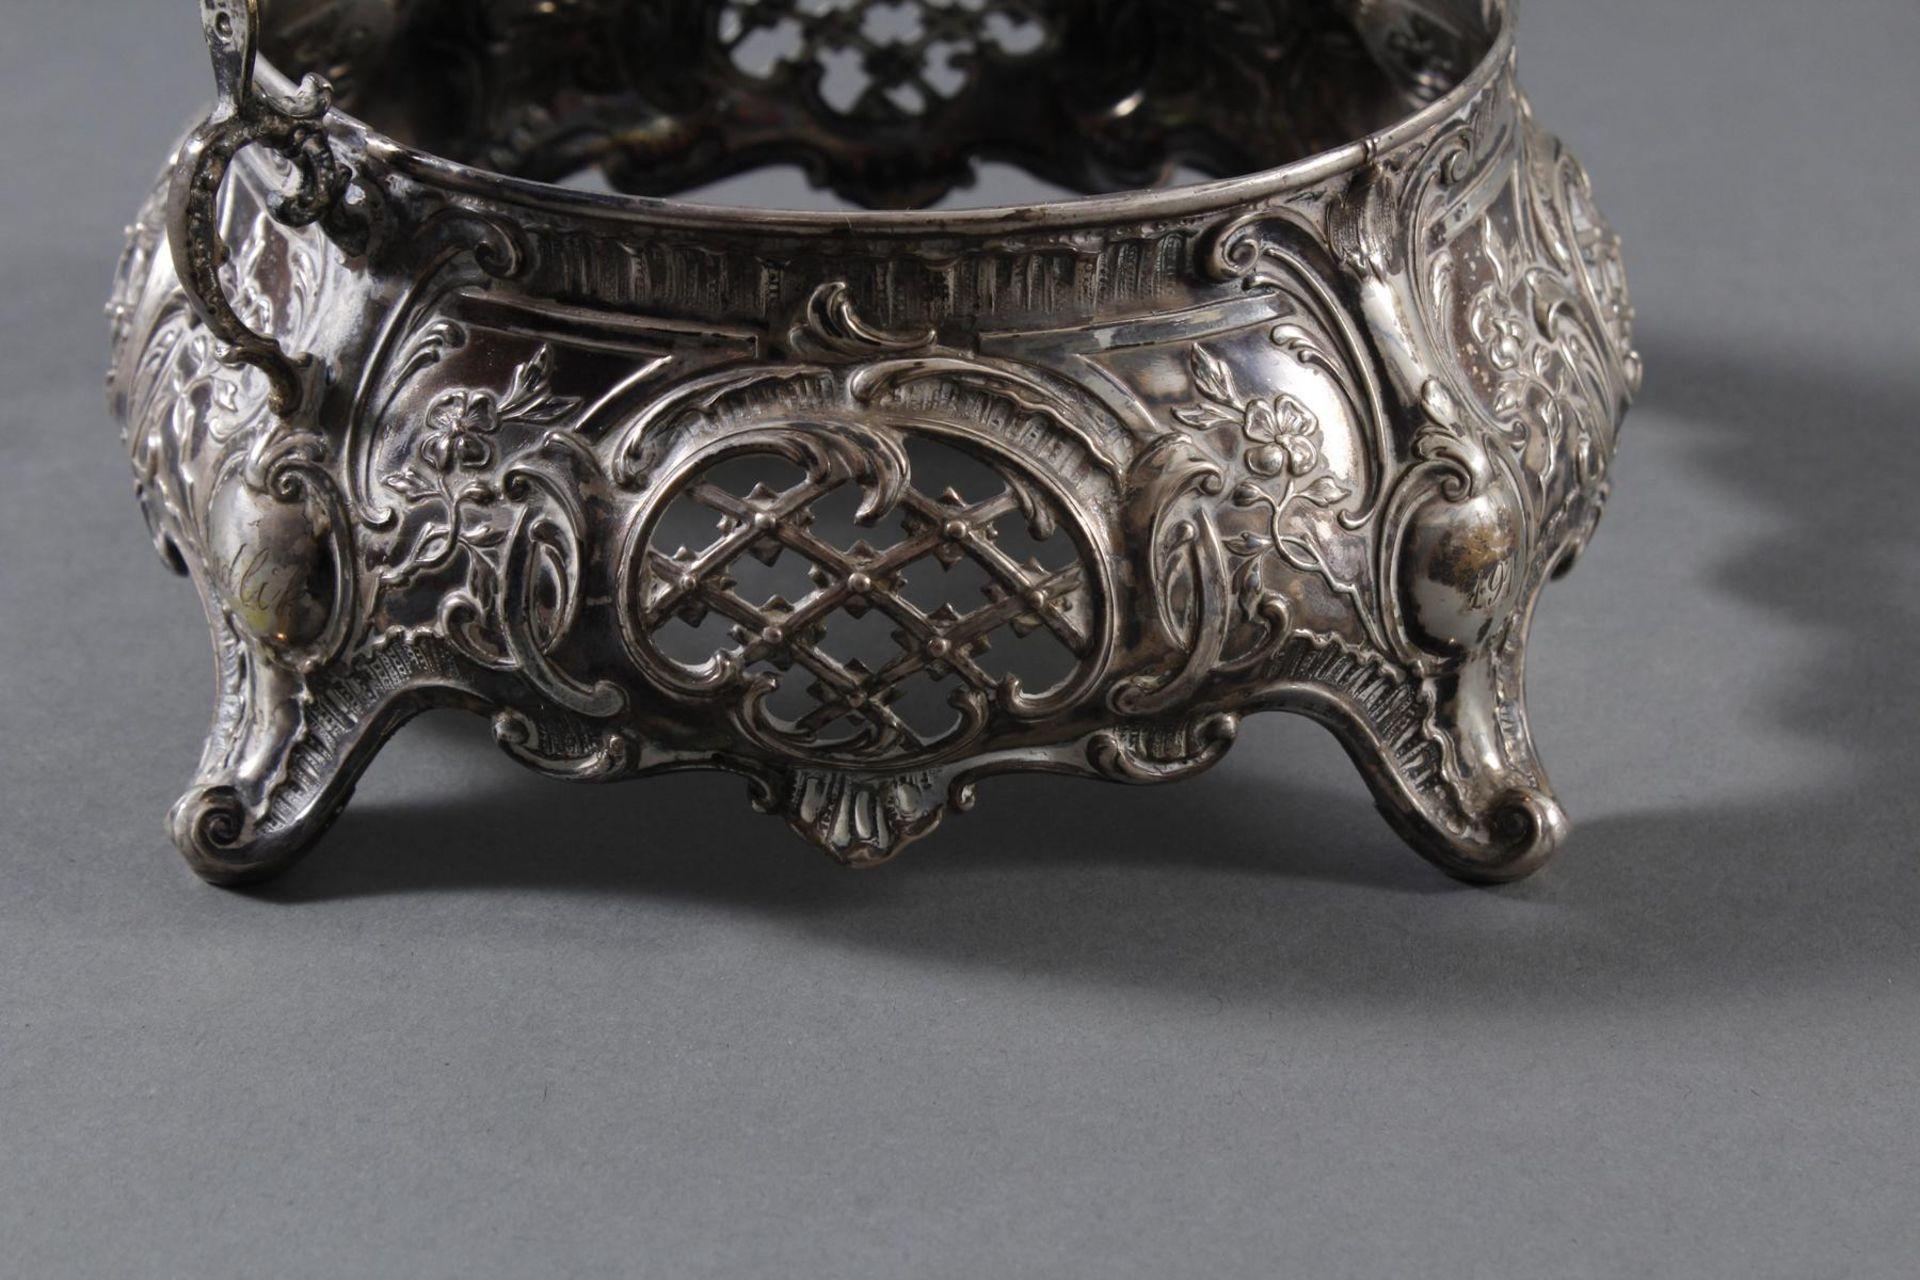 Silbernes Gebäckschälchen mit Glaseinsatz und Gravur - Bild 8 aus 11